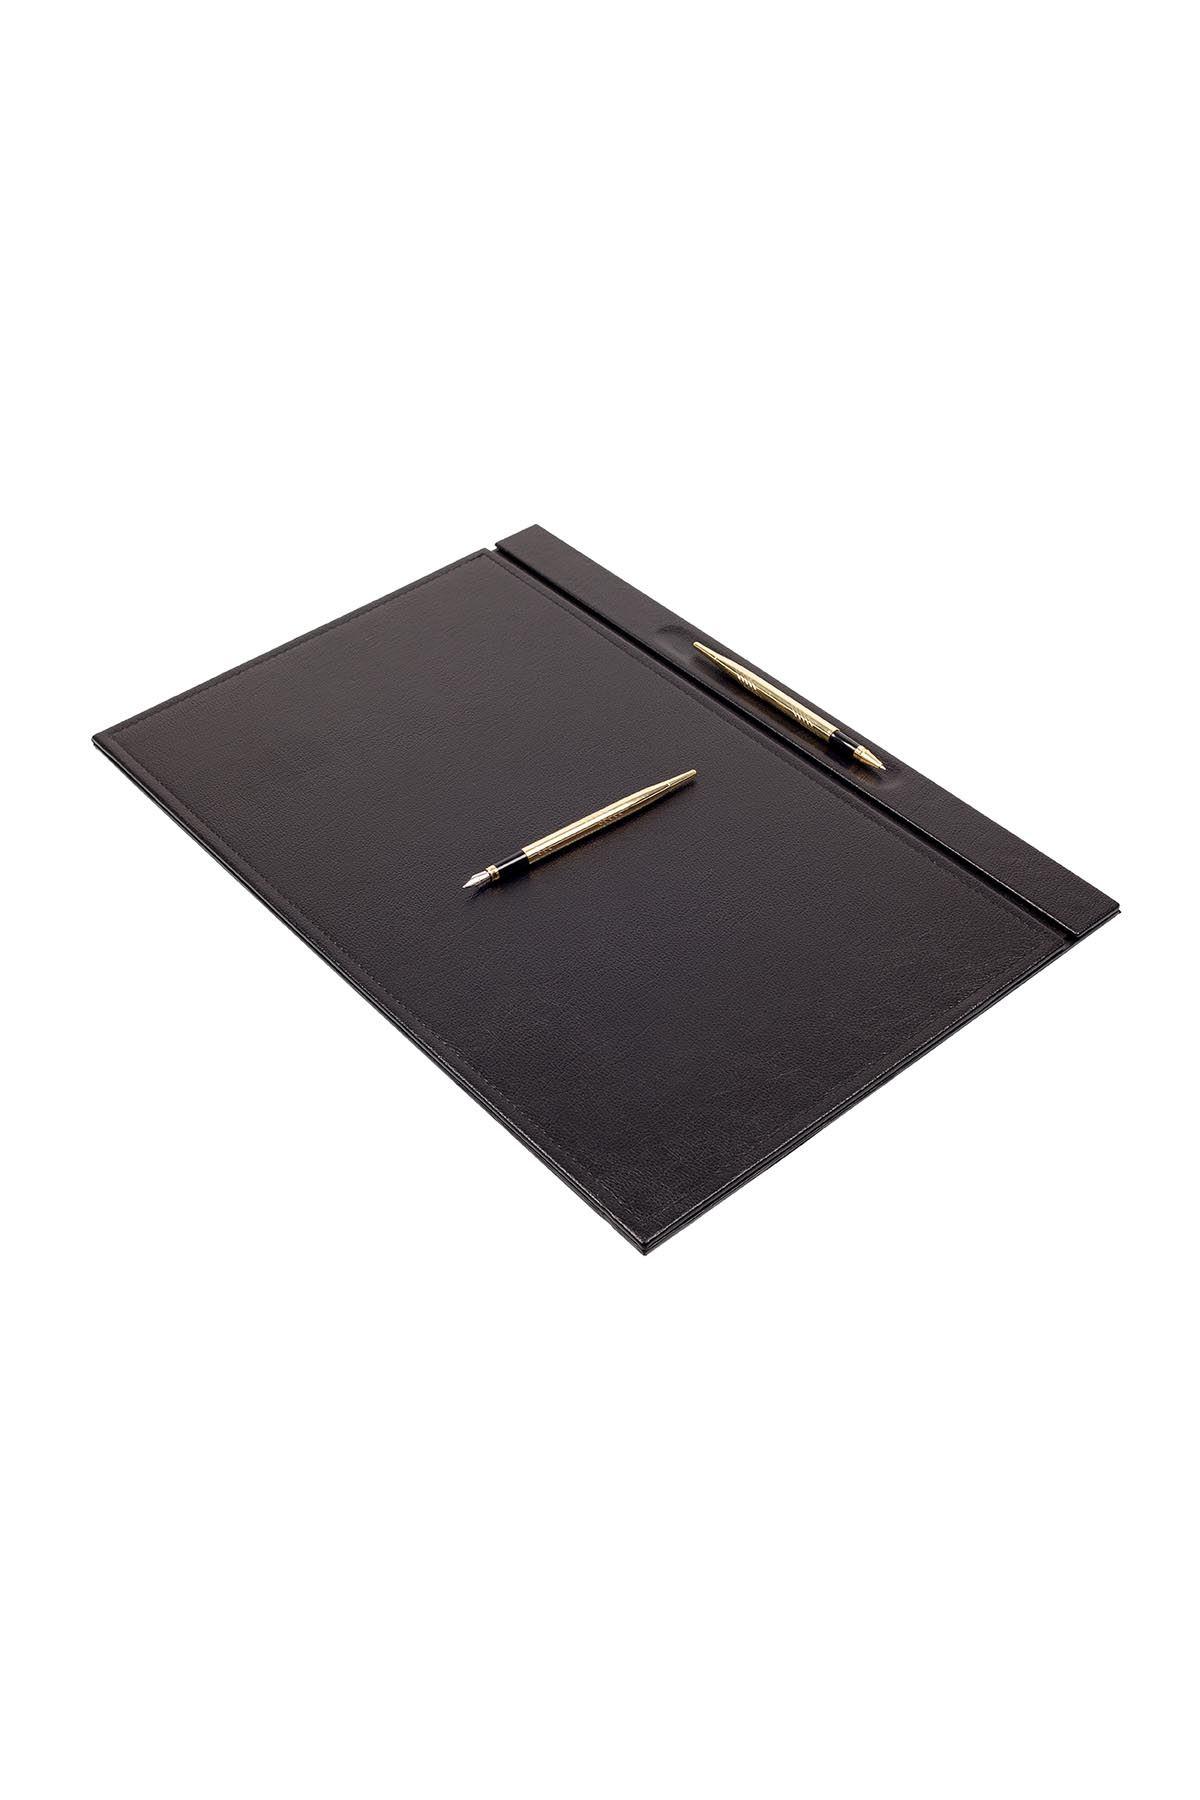 Make Your Own Desk Set Black